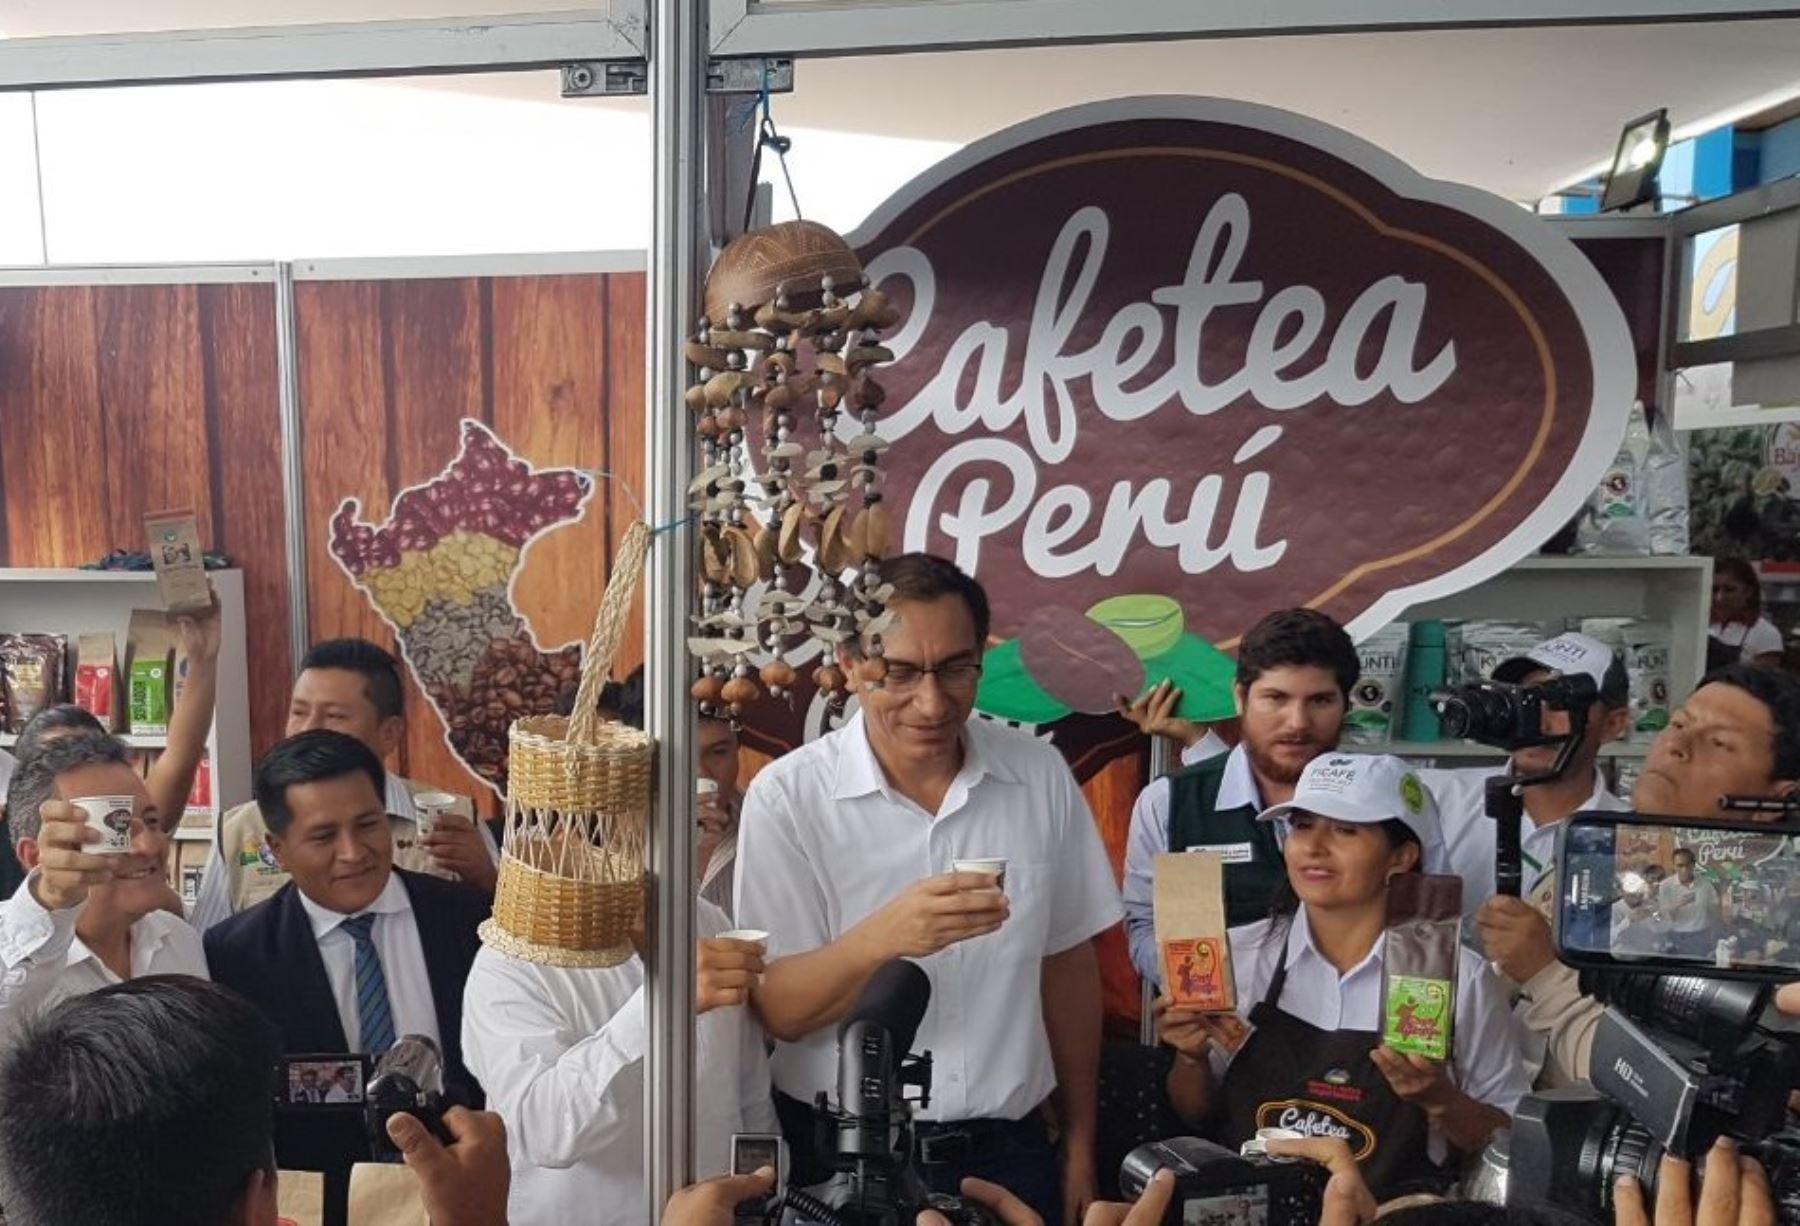 Primer vicepresidente de la República, Martín Vizcarra (al centro) en Ficafé 2017. Foto: Cortesía Sierra y Selva Exportadora.